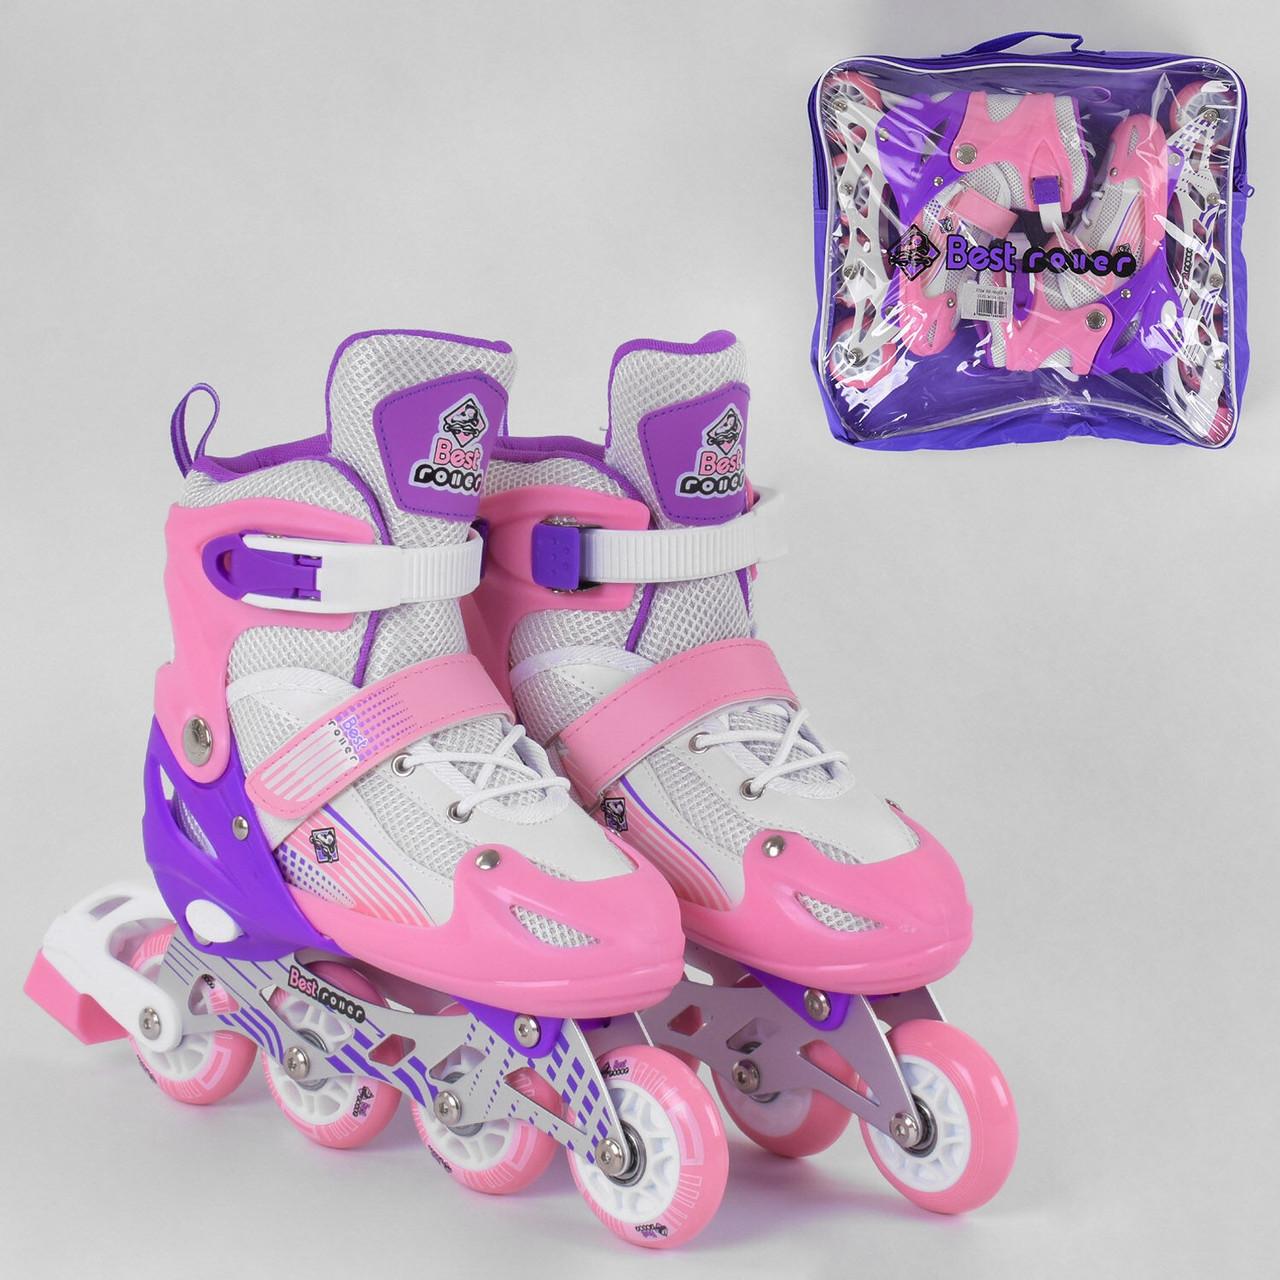 Детские ролики для девочки раздвижные / розовые роликовые коньки / размер 30-33